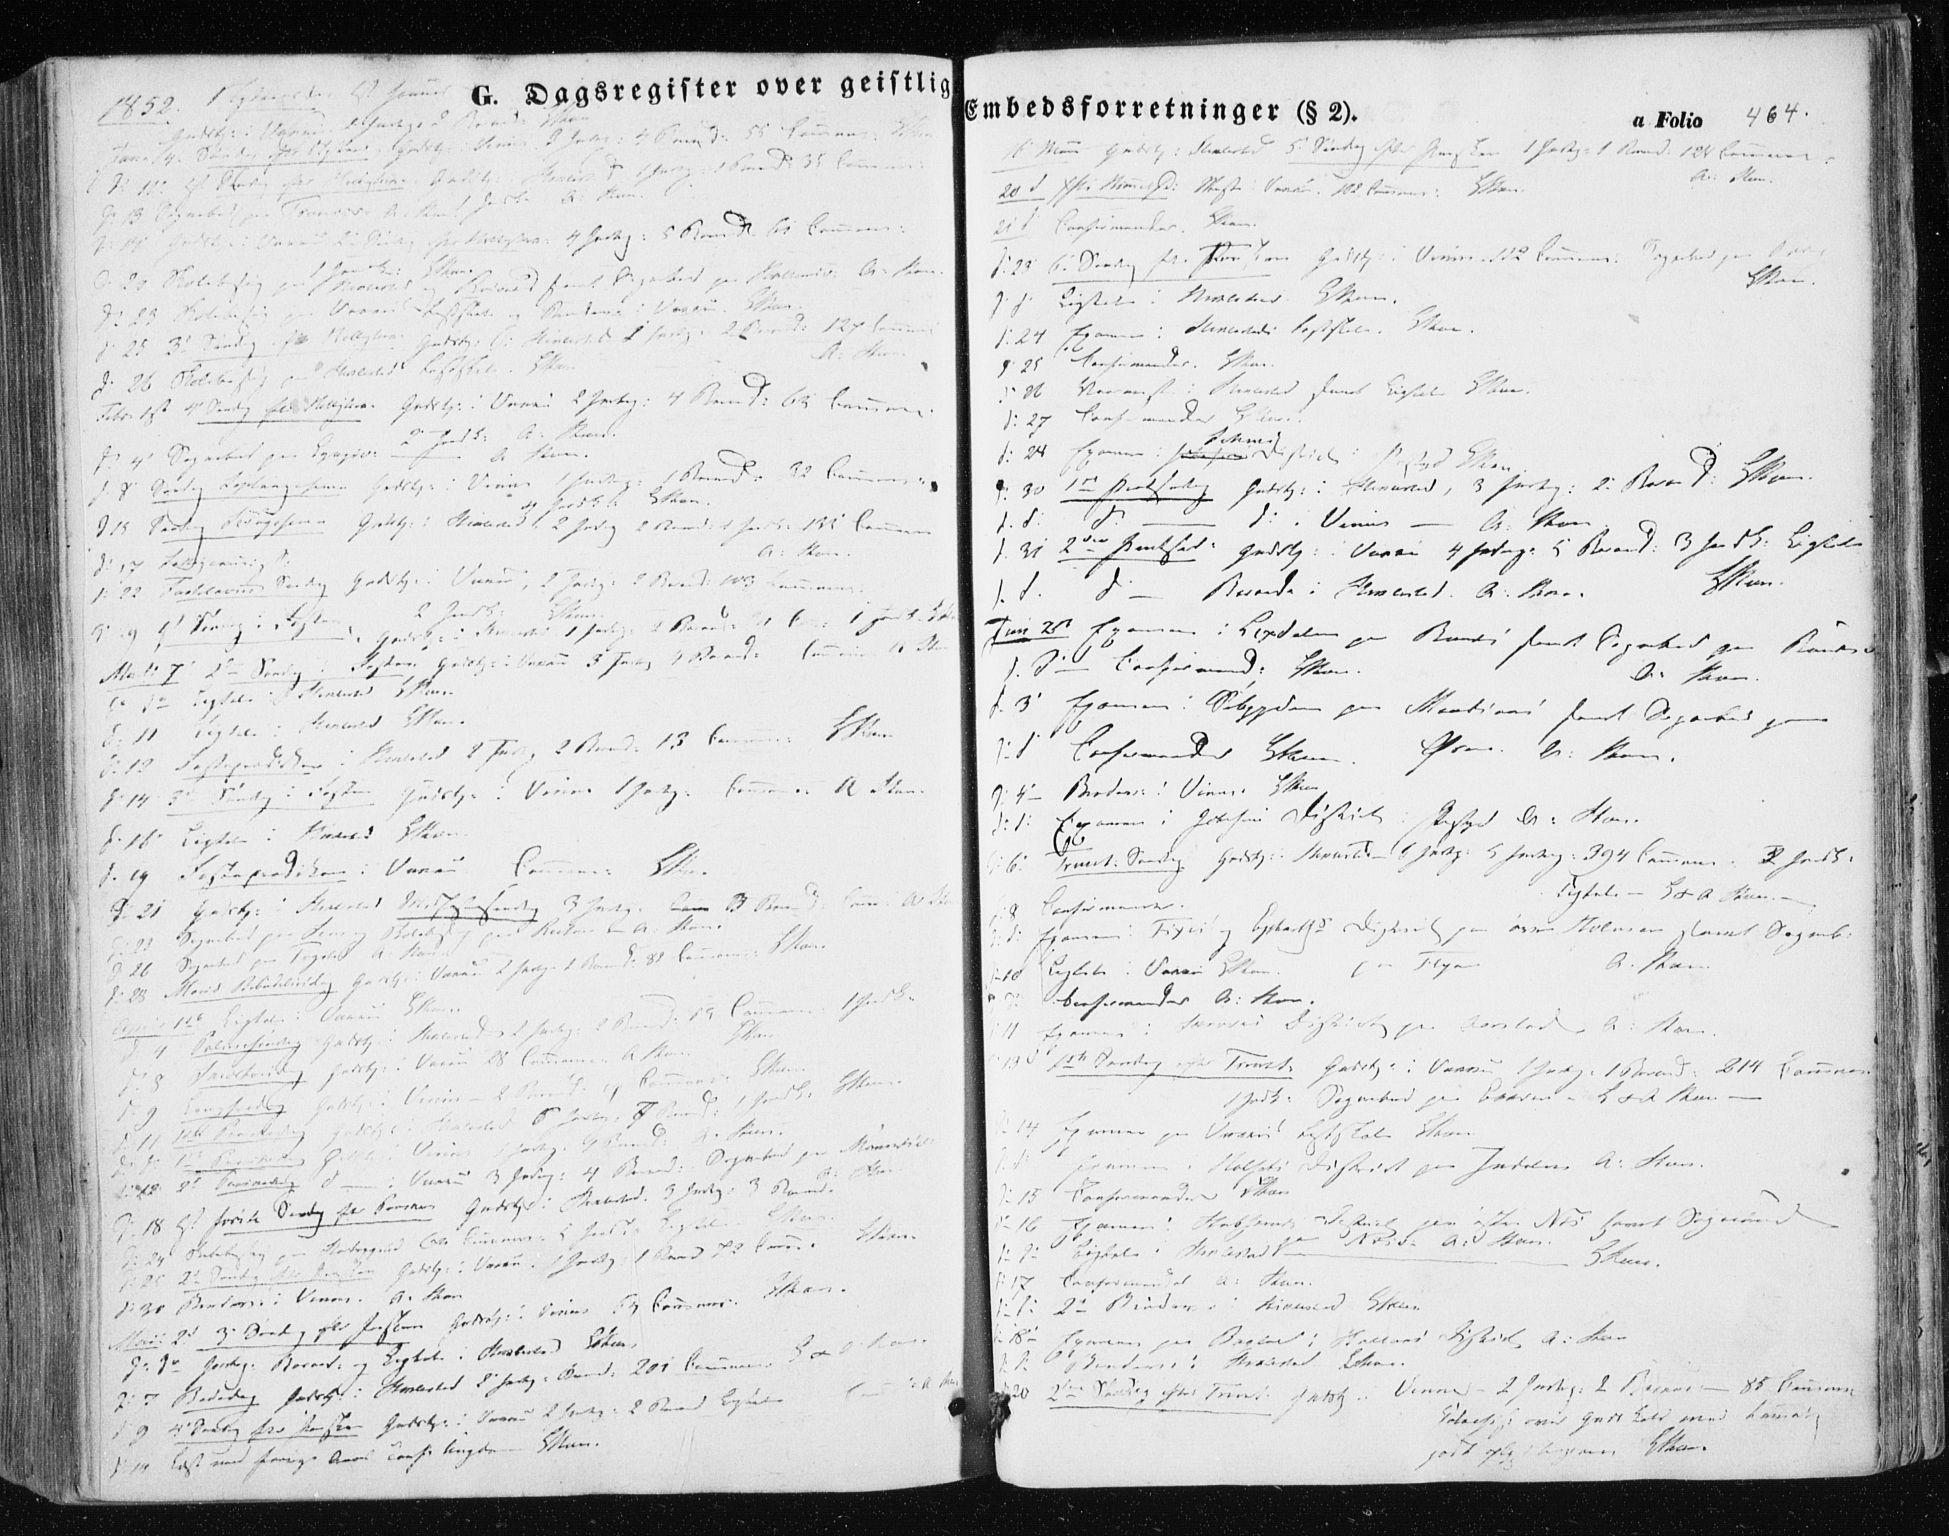 SAT, Ministerialprotokoller, klokkerbøker og fødselsregistre - Nord-Trøndelag, 723/L0240: Ministerialbok nr. 723A09, 1852-1860, s. 464